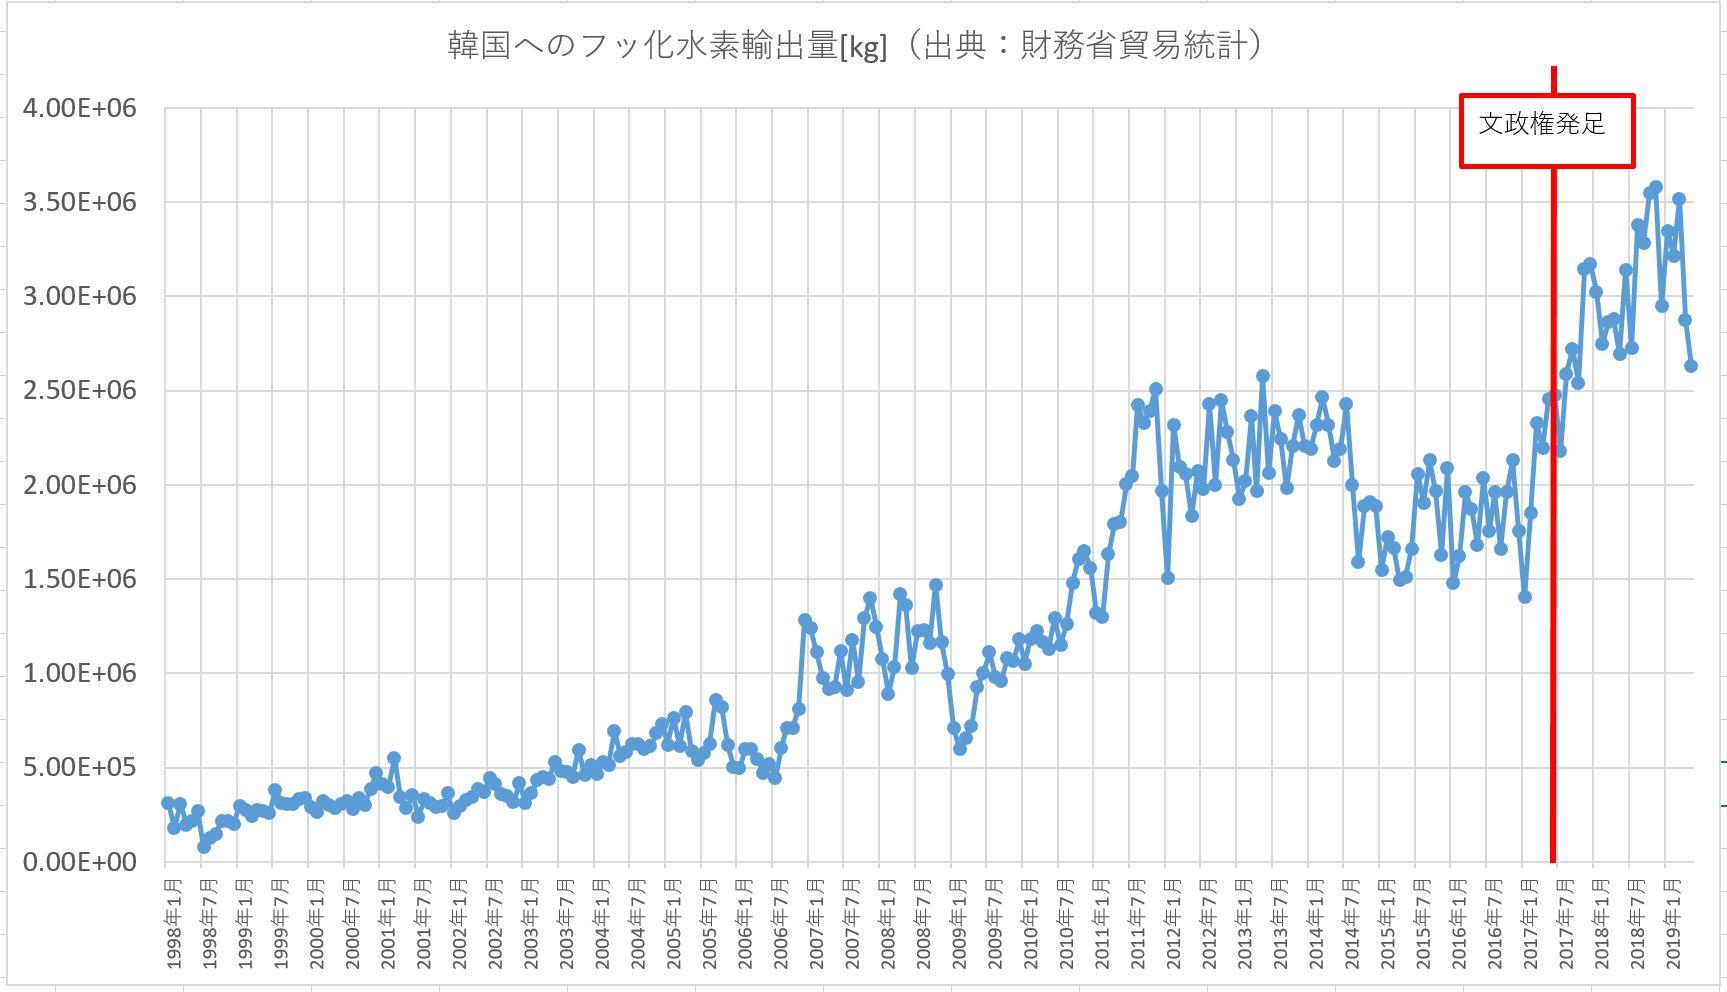 韓国へのフッ化水素の輸出量推移